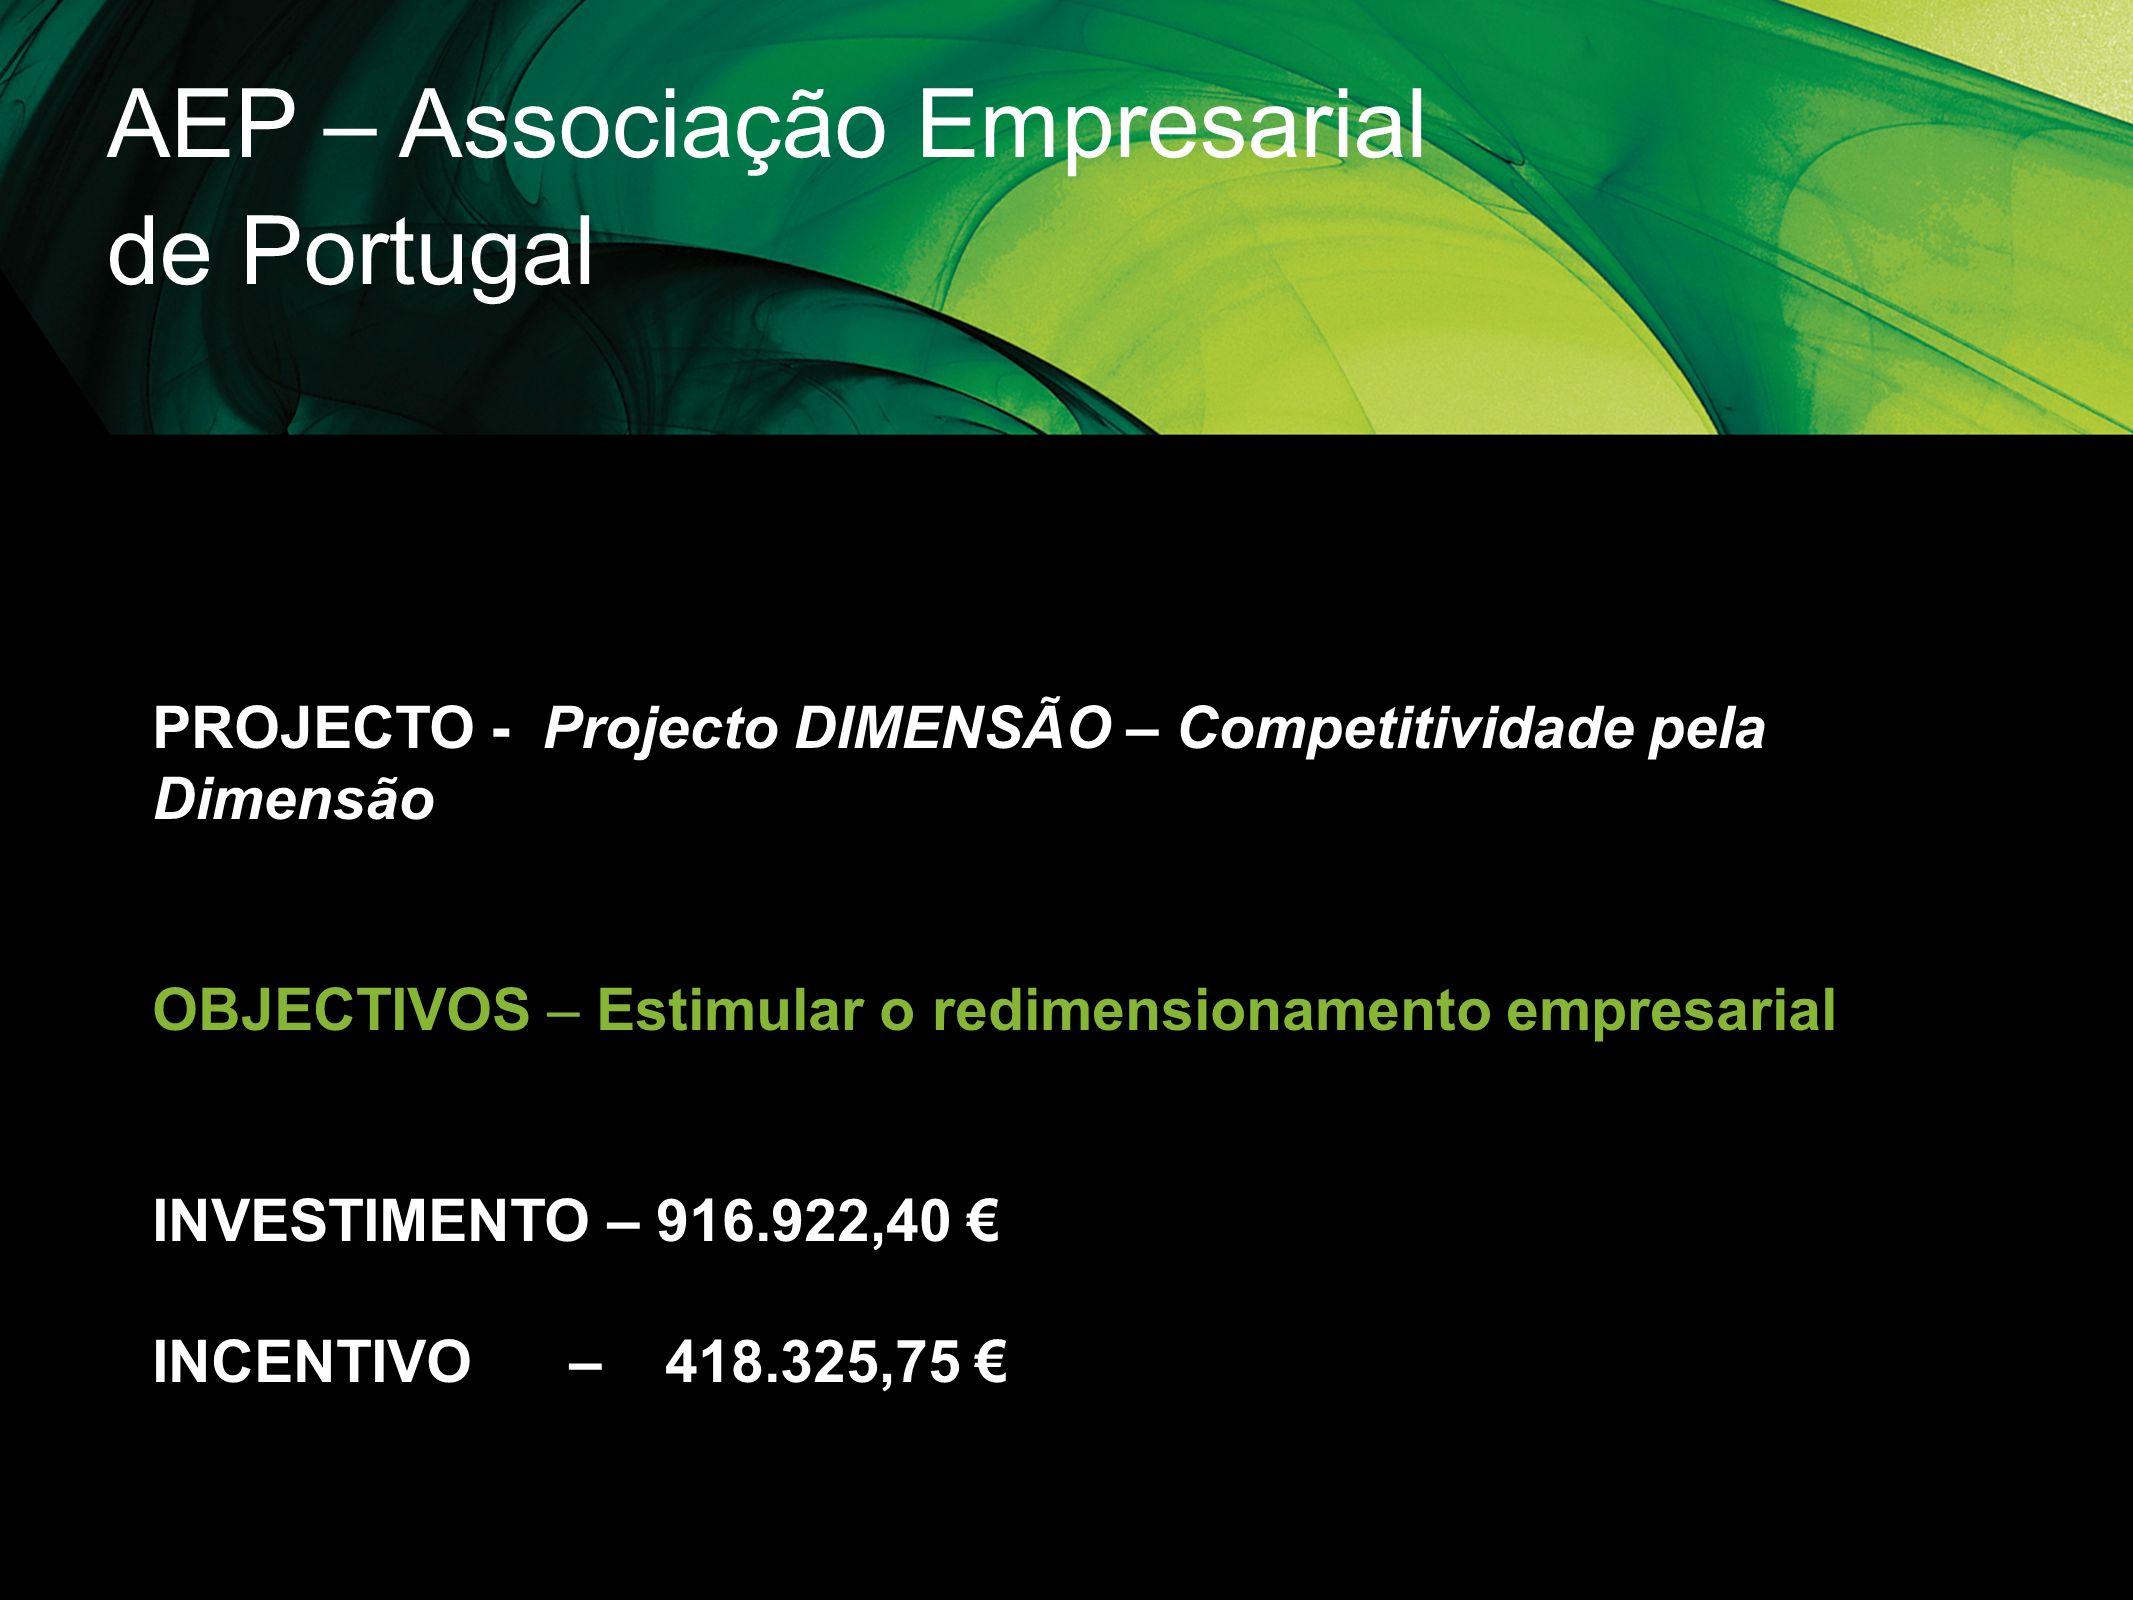 AEP – Associação Empresarial de Portugal PROJECTO - Projecto DIMENSÃO – Competitividade pela Dimensão OBJECTIVOS – Estimular o redimensionamento empre